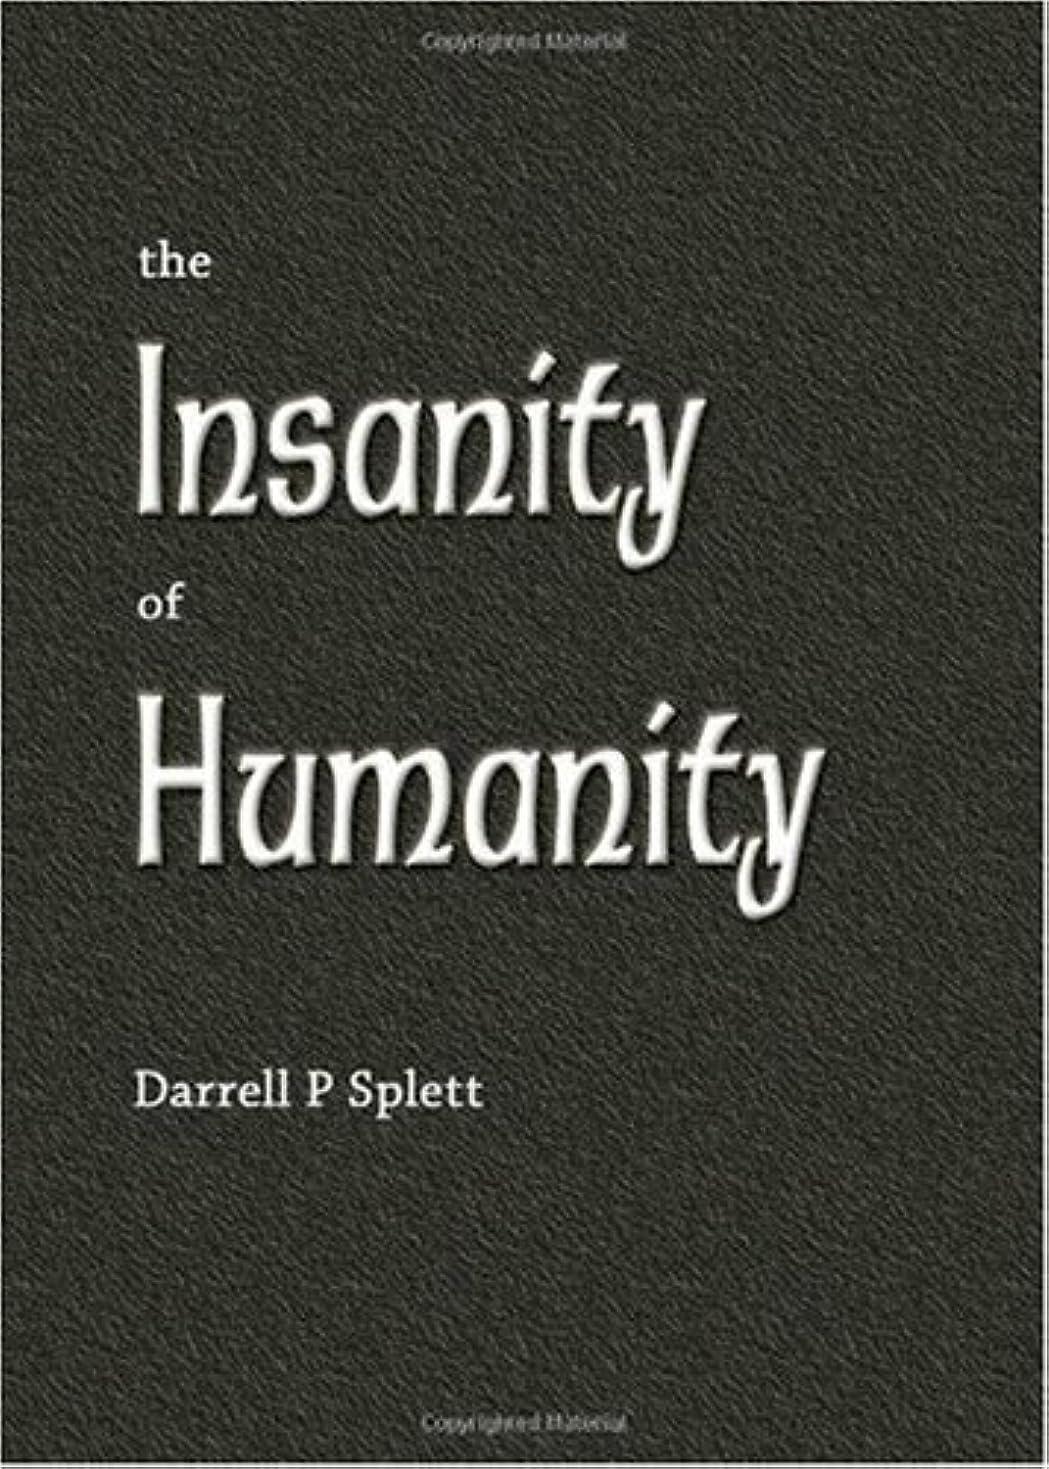 セマフォボットパンサーThe Insanity of Humanity